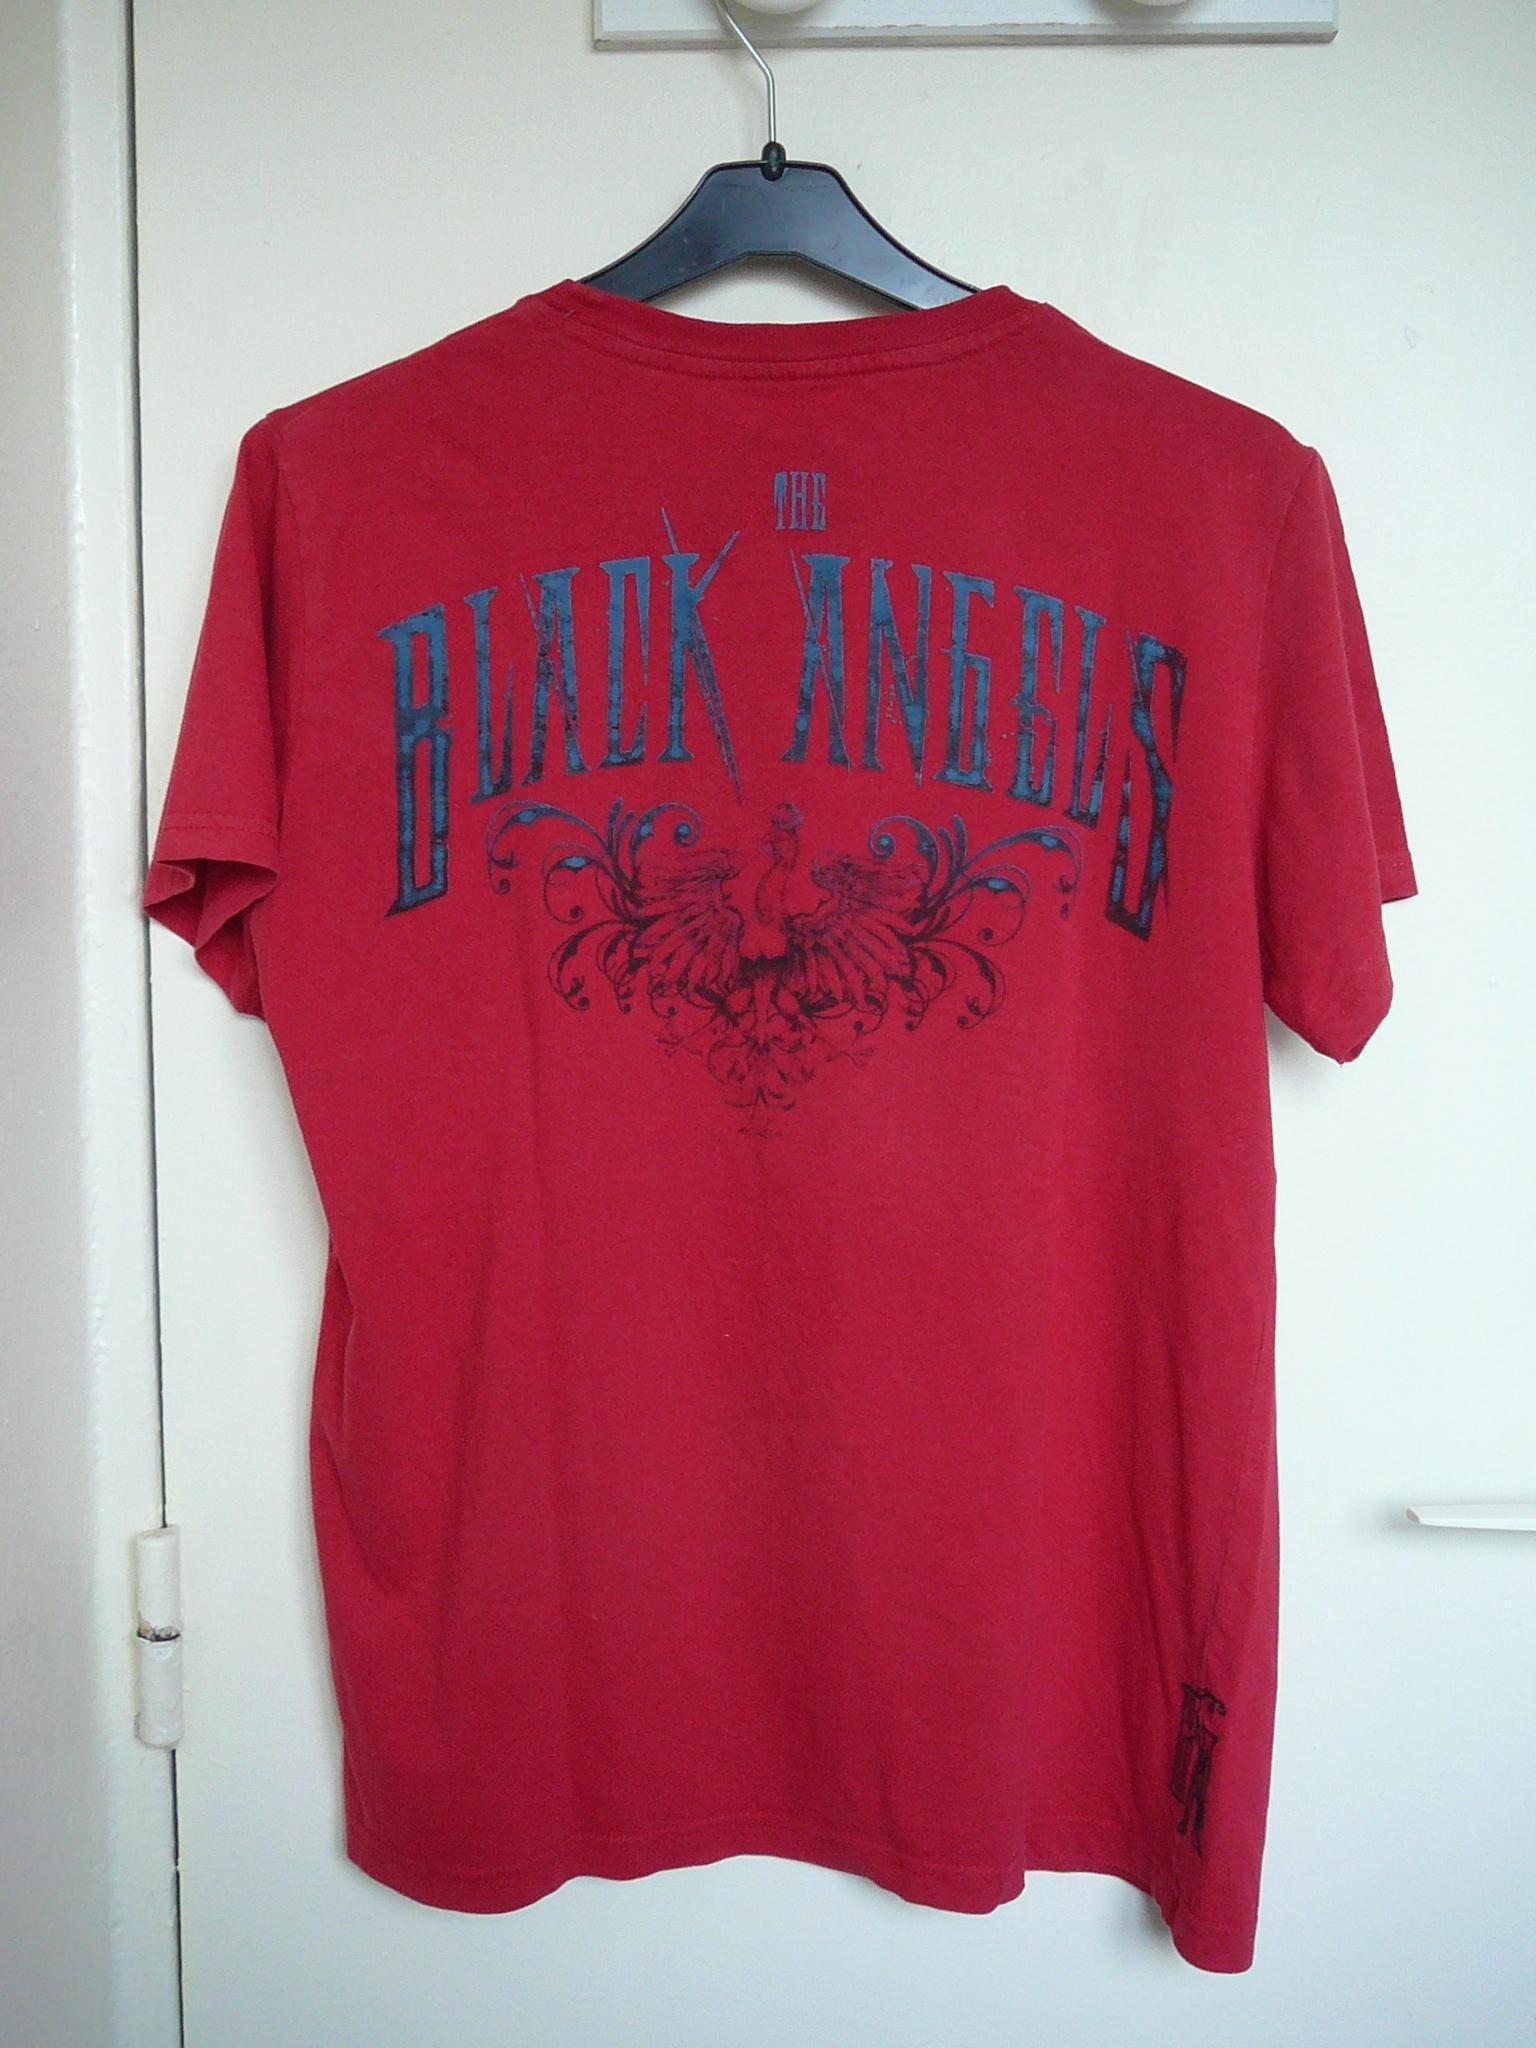 troc de troc superbe t-shirt t 14 ans image 1